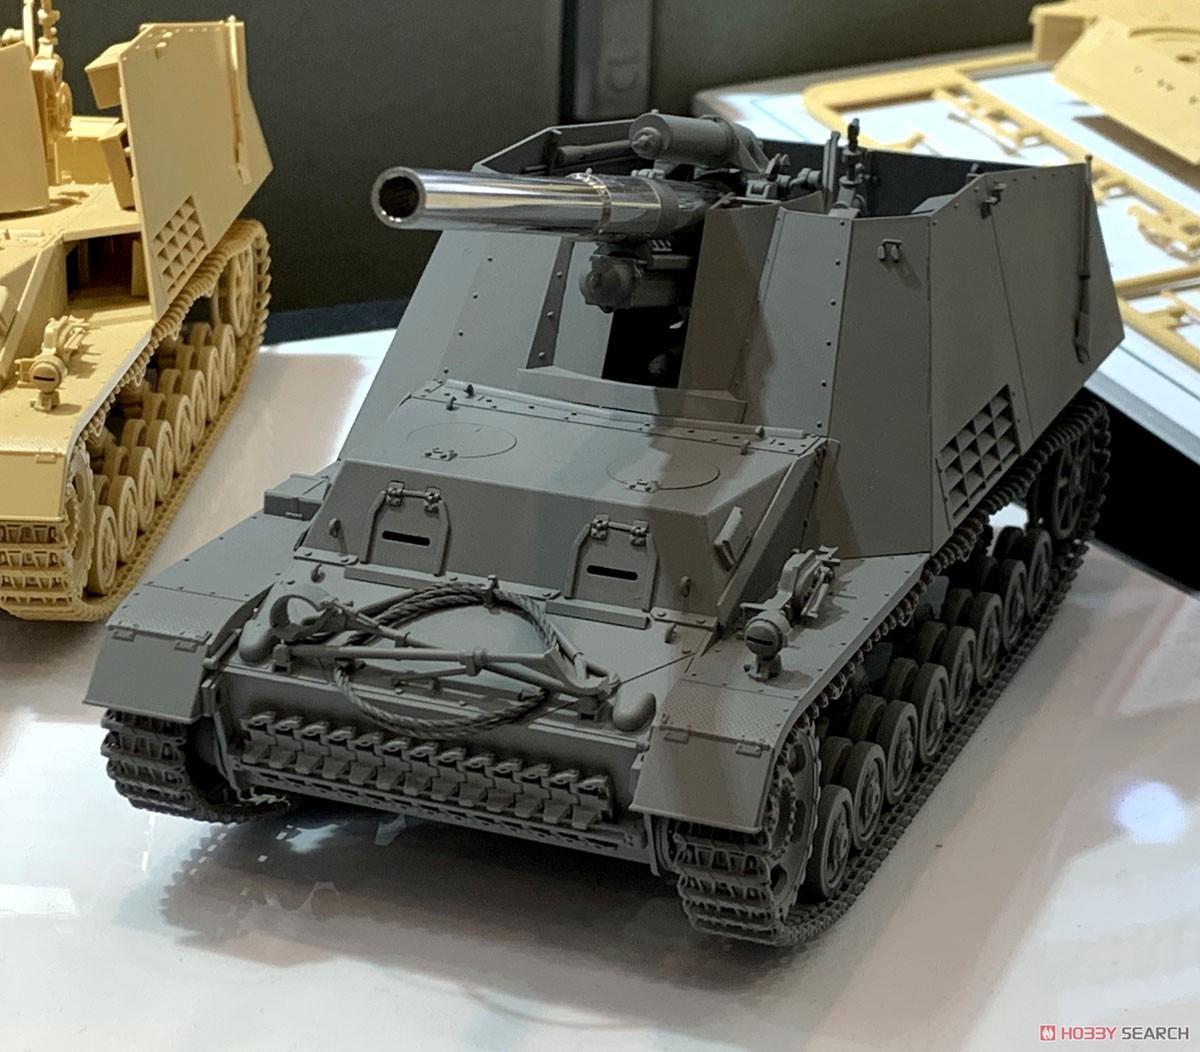 1/35 ミリタリーミニチュアシリーズ No.367『ドイツ重自走榴弾砲 フンメル 後期型』プラモデル-008